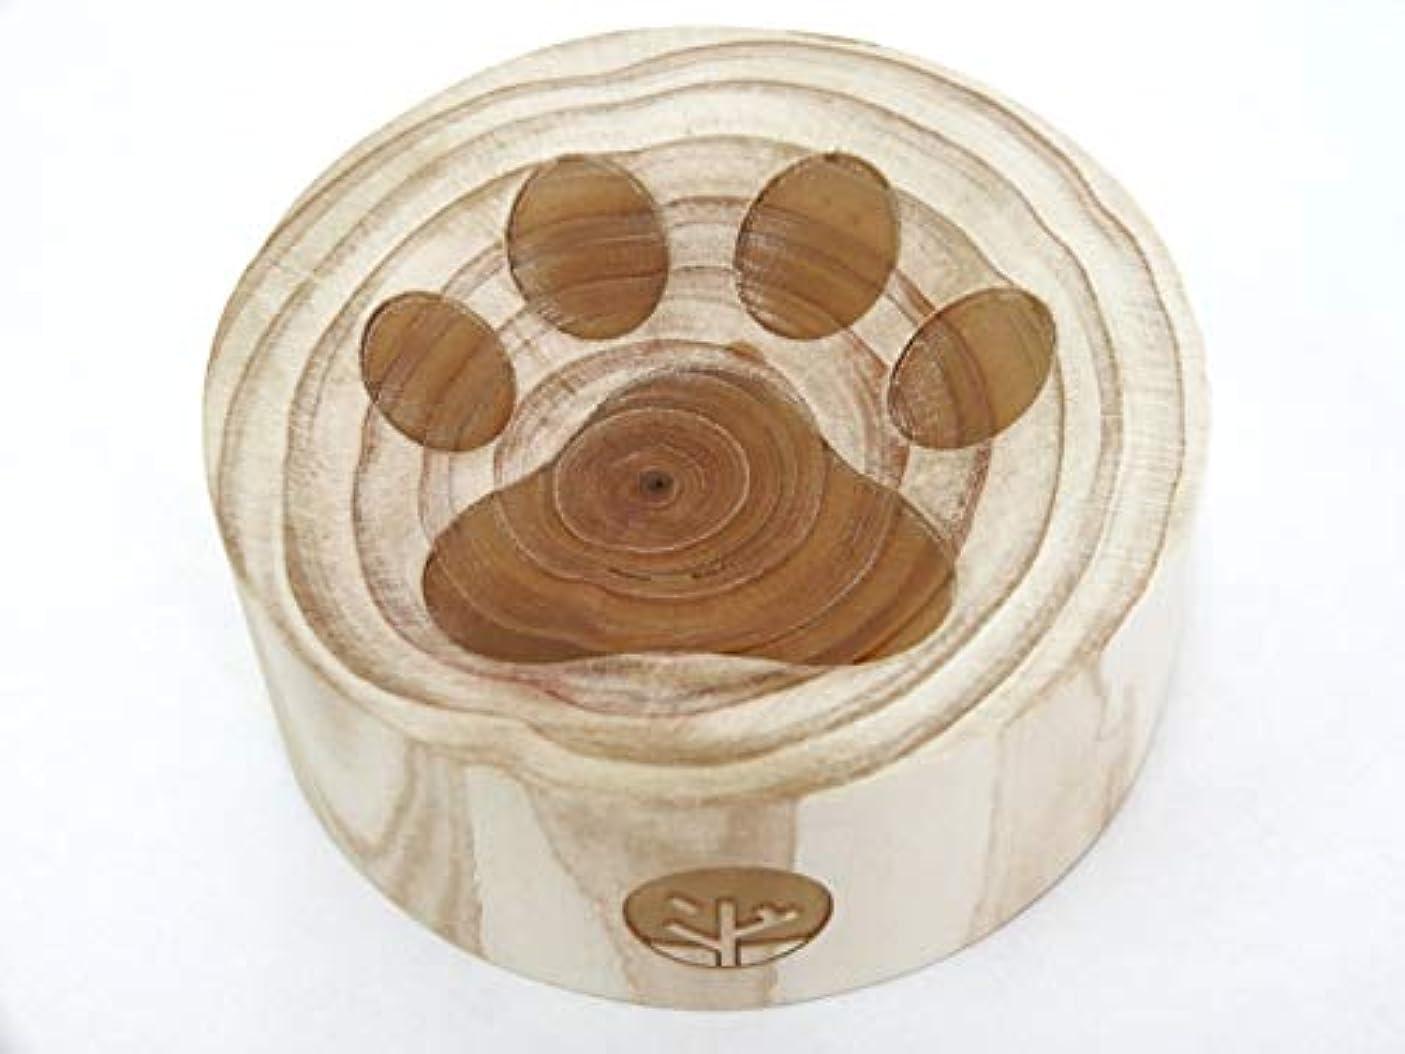 驚いた許される本体一郎木創 木製 アロマディッシュ 心持木受香器 肉球 猫 桧 TL-97-5